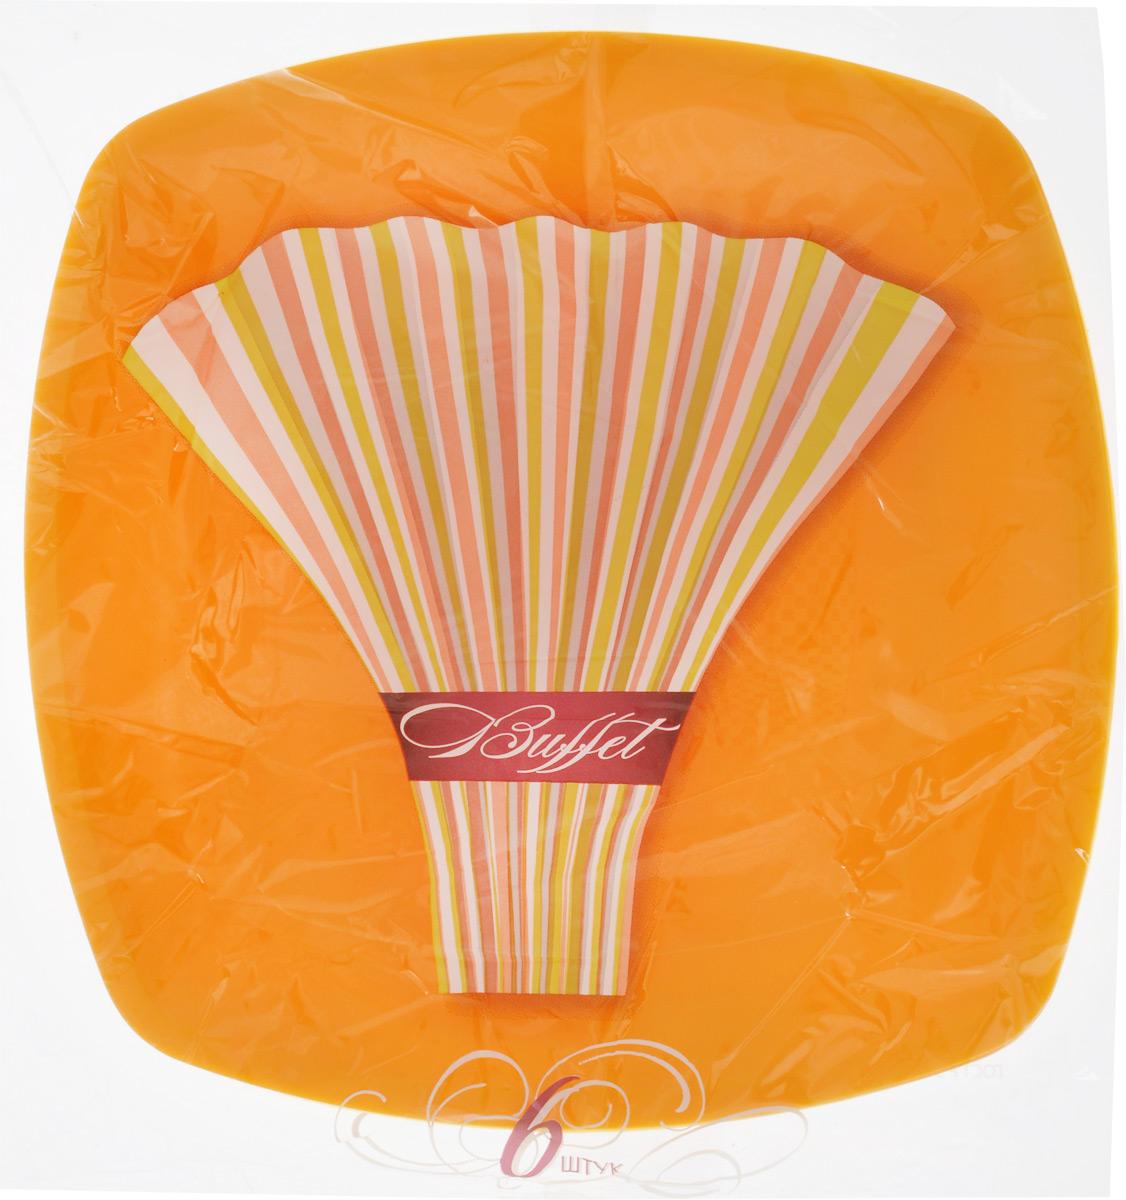 Набор одноразовых тарелок Buffet, цвет: желтый, 23 х 23 см, 6 шт183203_желтыйНабор Buffet состоит из 6 квадратных тарелок, выполненных из полипропилена и предназначенных для одноразового использования. Одноразовые тарелки будут незаменимы при поездках на природу, пикниках и других мероприятиях. Они не займут много места, легки и самое главное - после использования их не надо мыть. Размер тарелки (по верхнему краю): 23 х 23 см. Высота тарелки: 1,5 см.